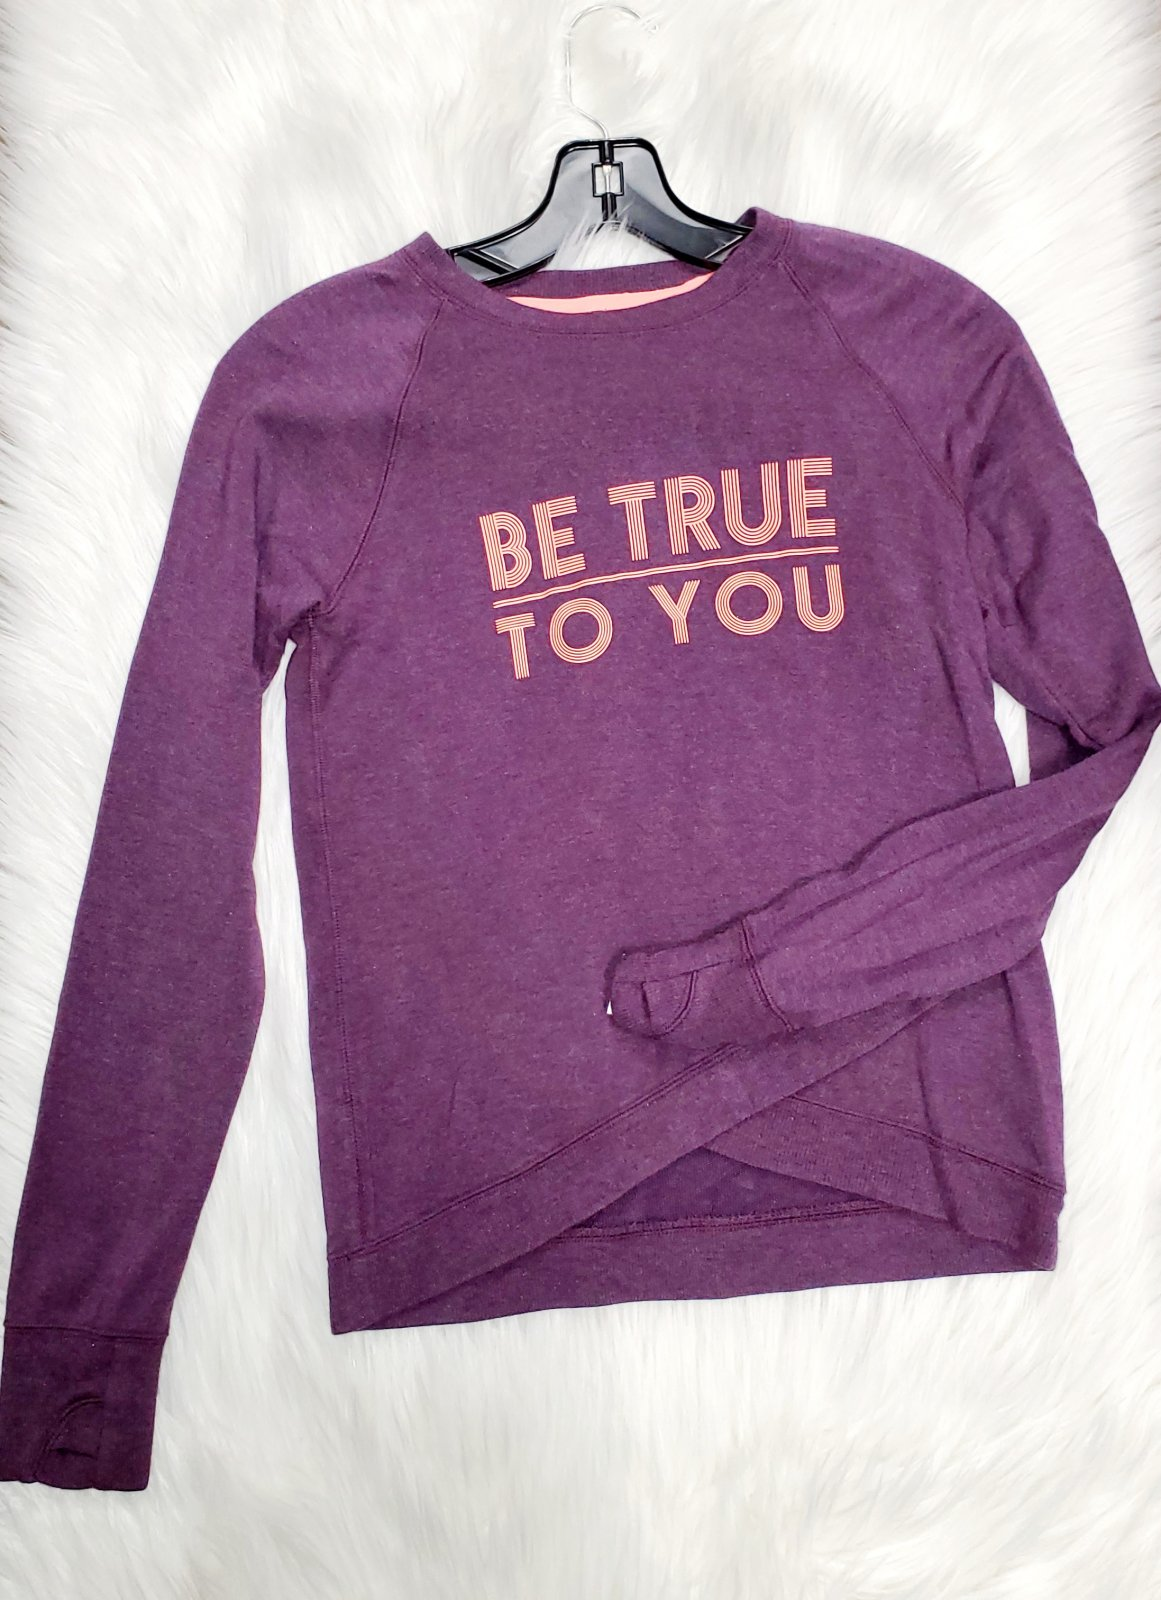 Athleta Girl Sweatshirt Girls Size 12